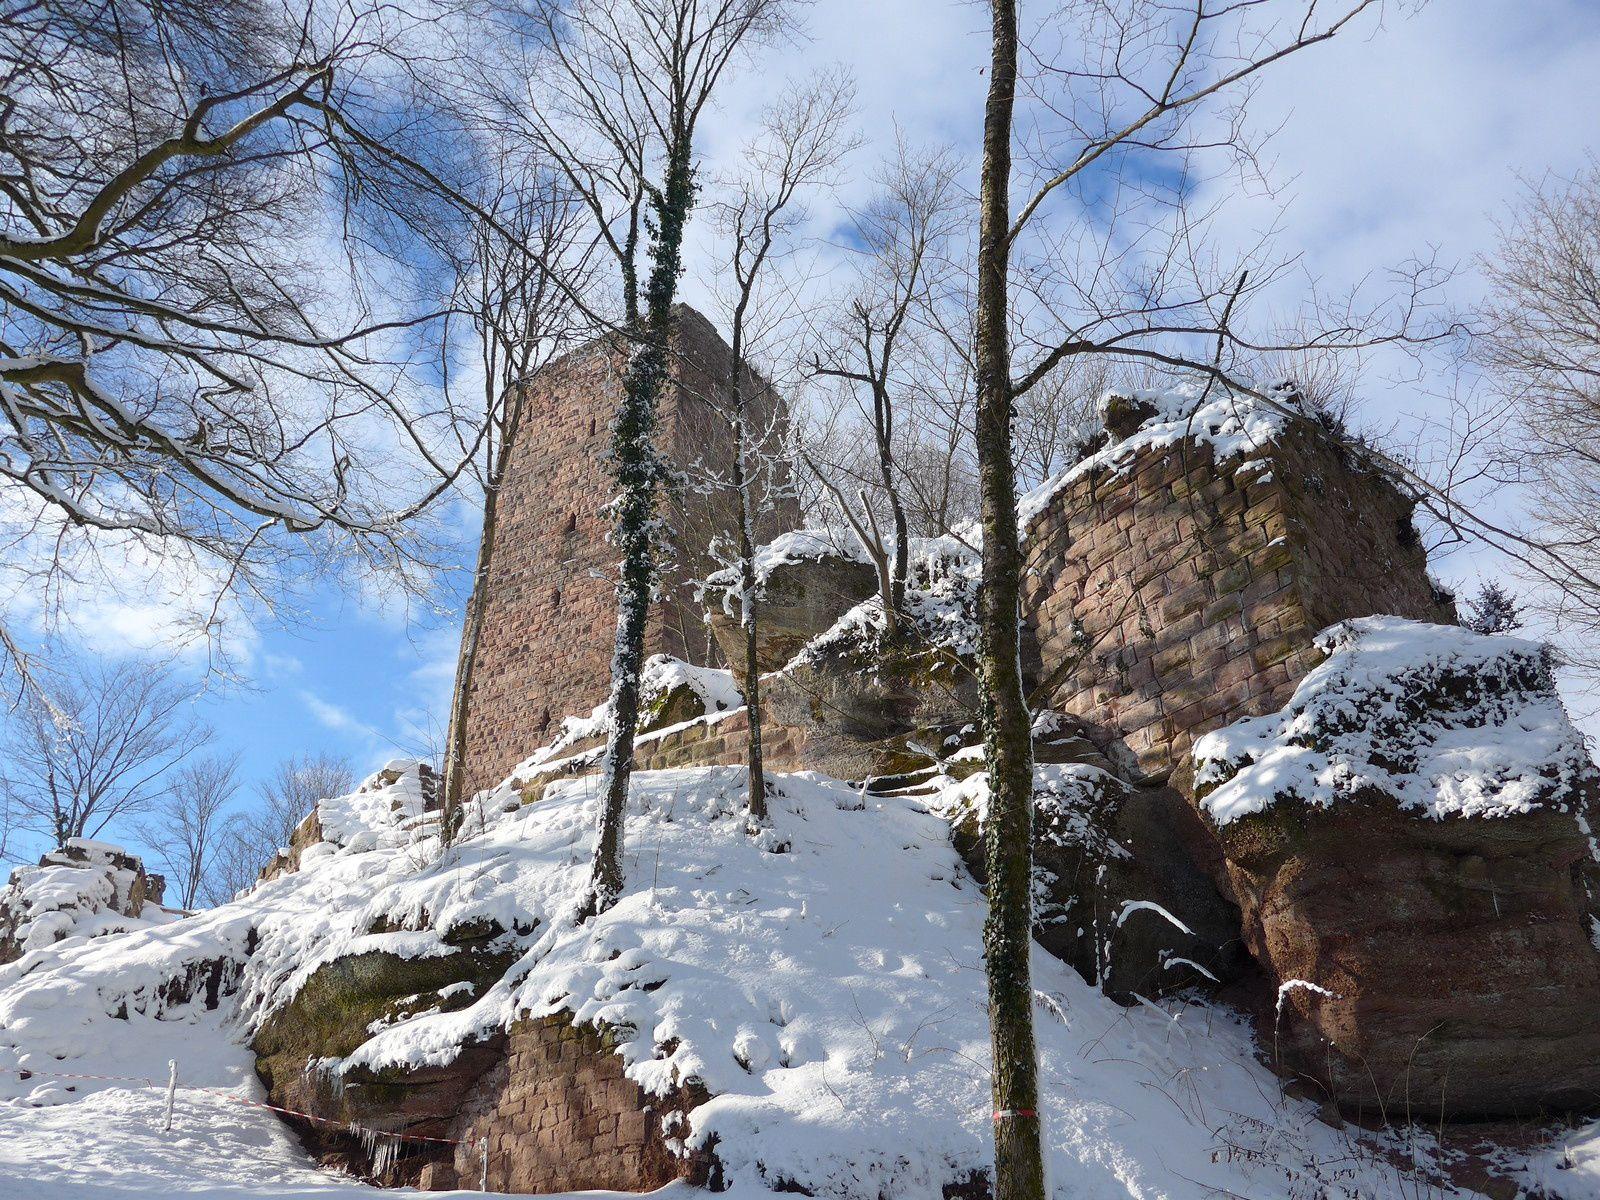 L'arc de décharge du château (grand Géroldseck) dégagé (en été) par l'association Pro Geroldseck, grand coup de chapeau à ces bénévoles